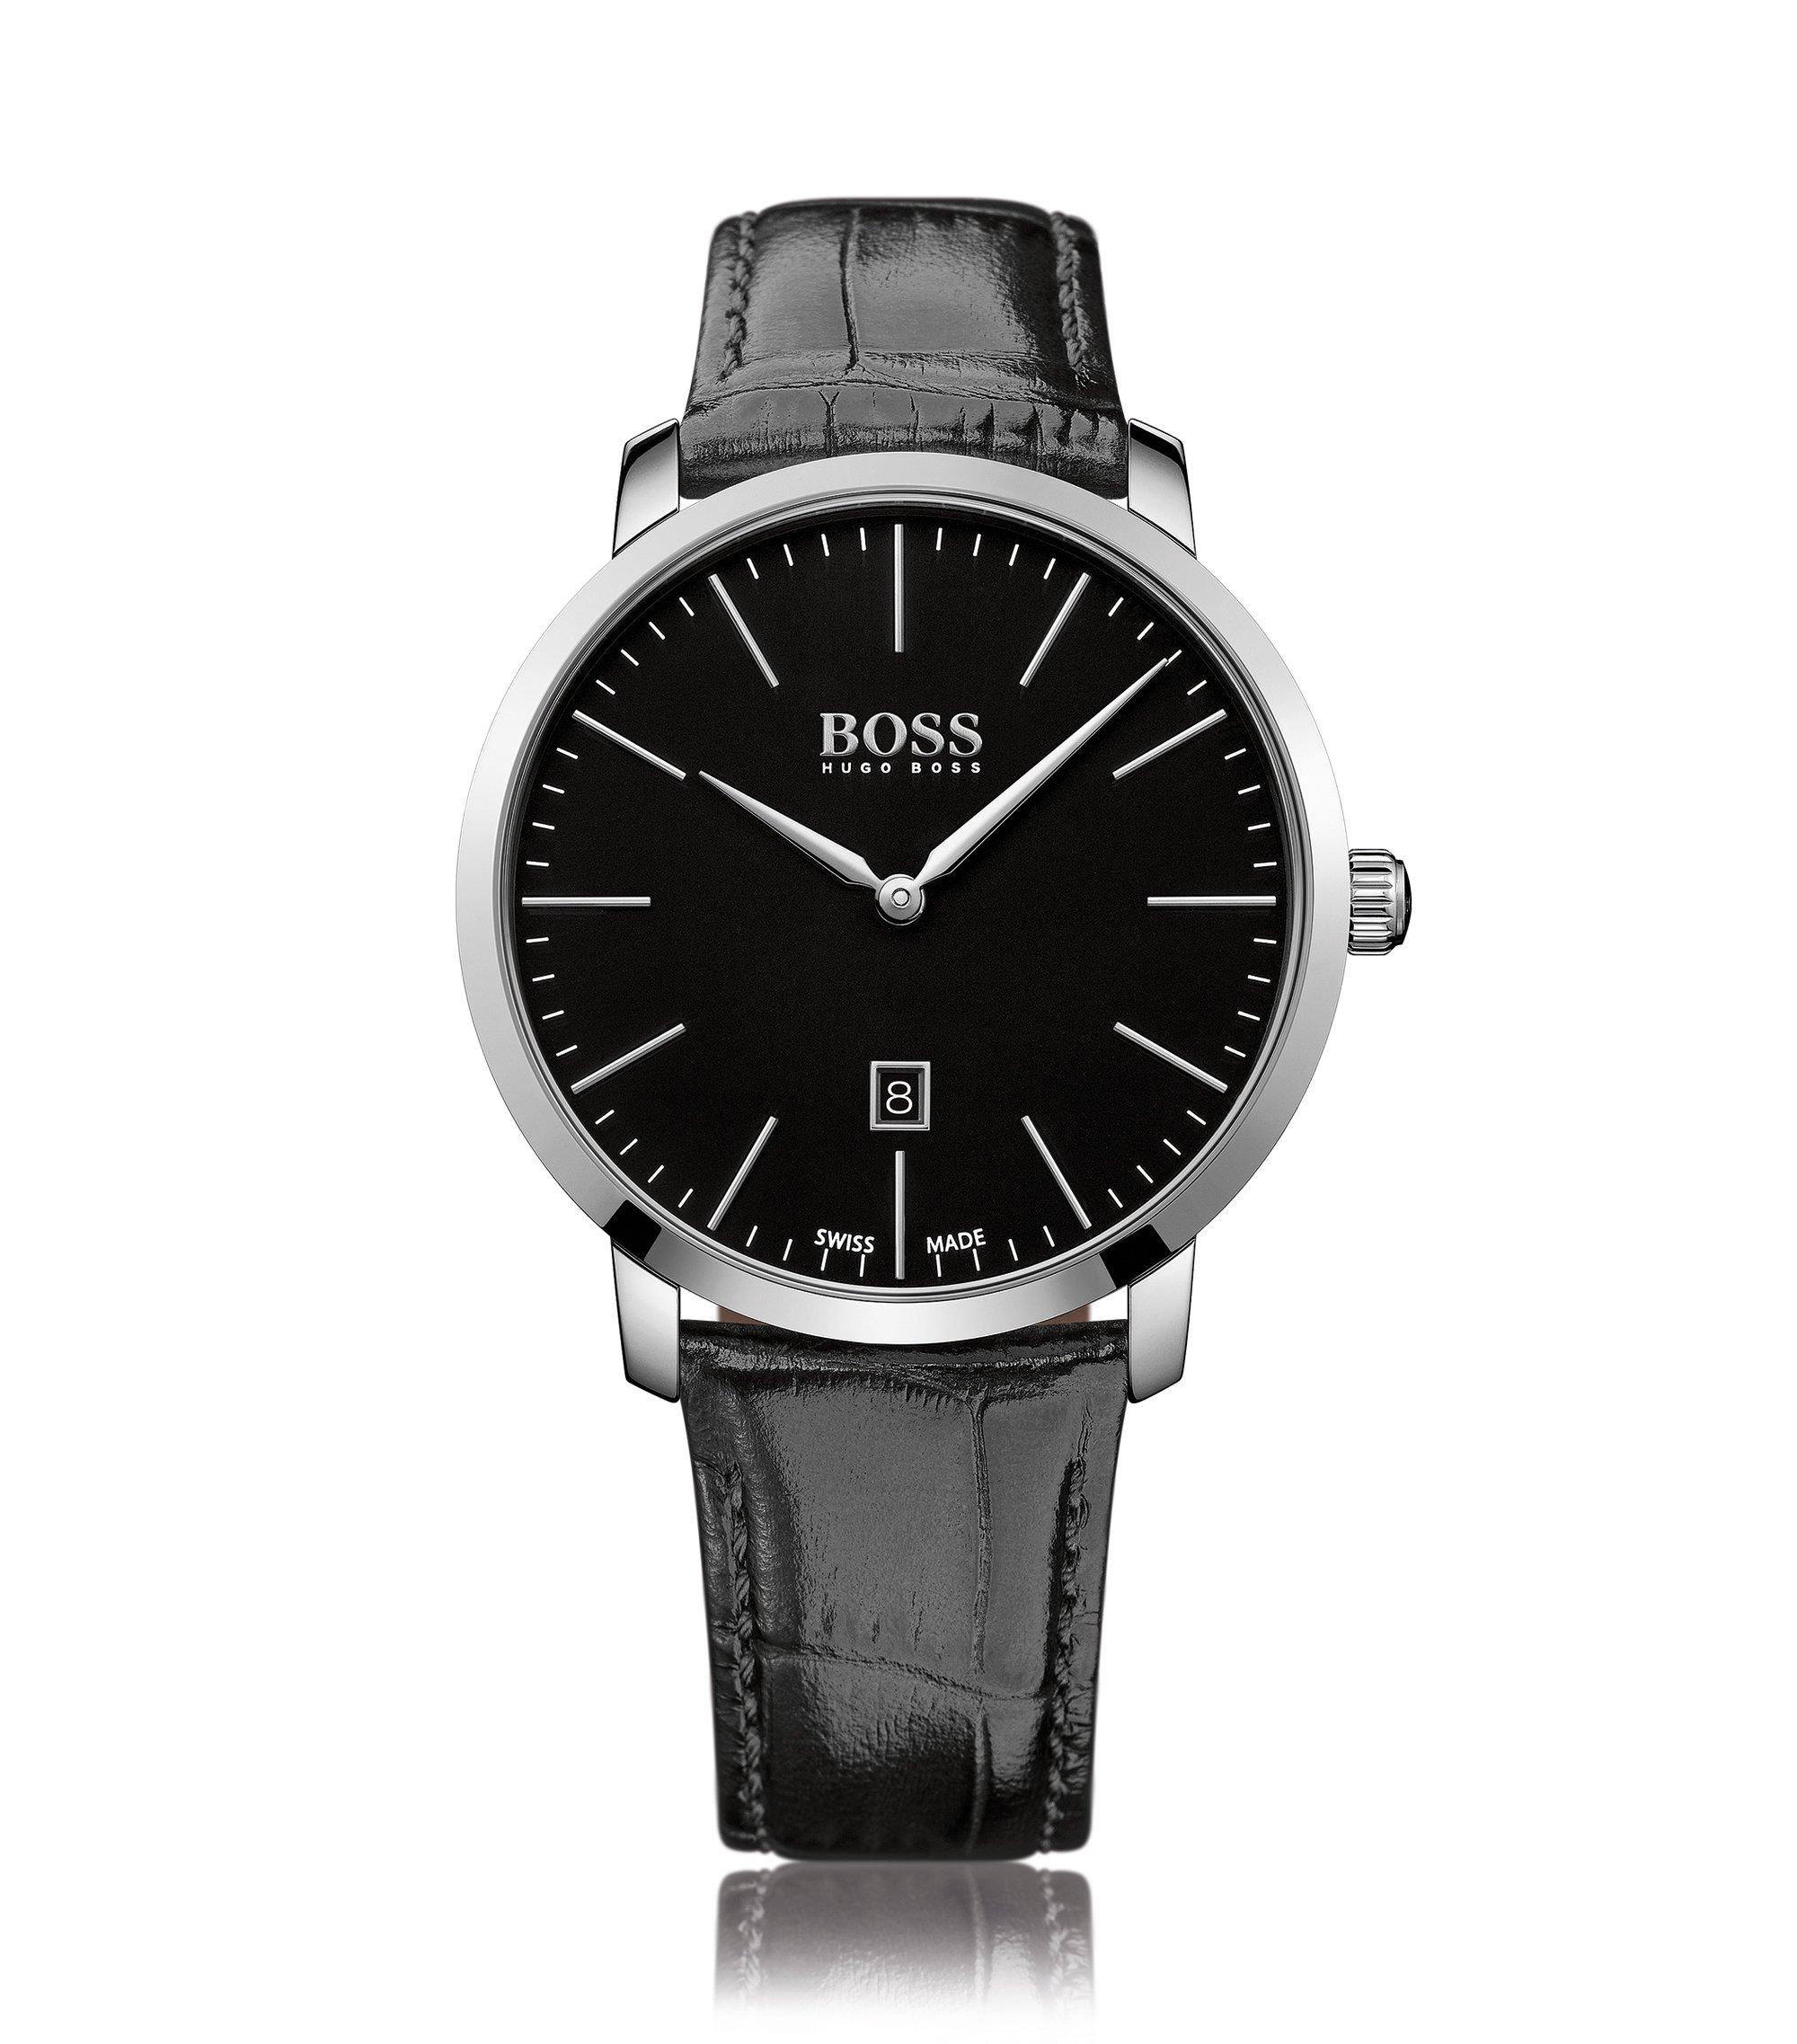 Uhr aus poliertem Edelstahl mit Saphirkristall, Schwarz